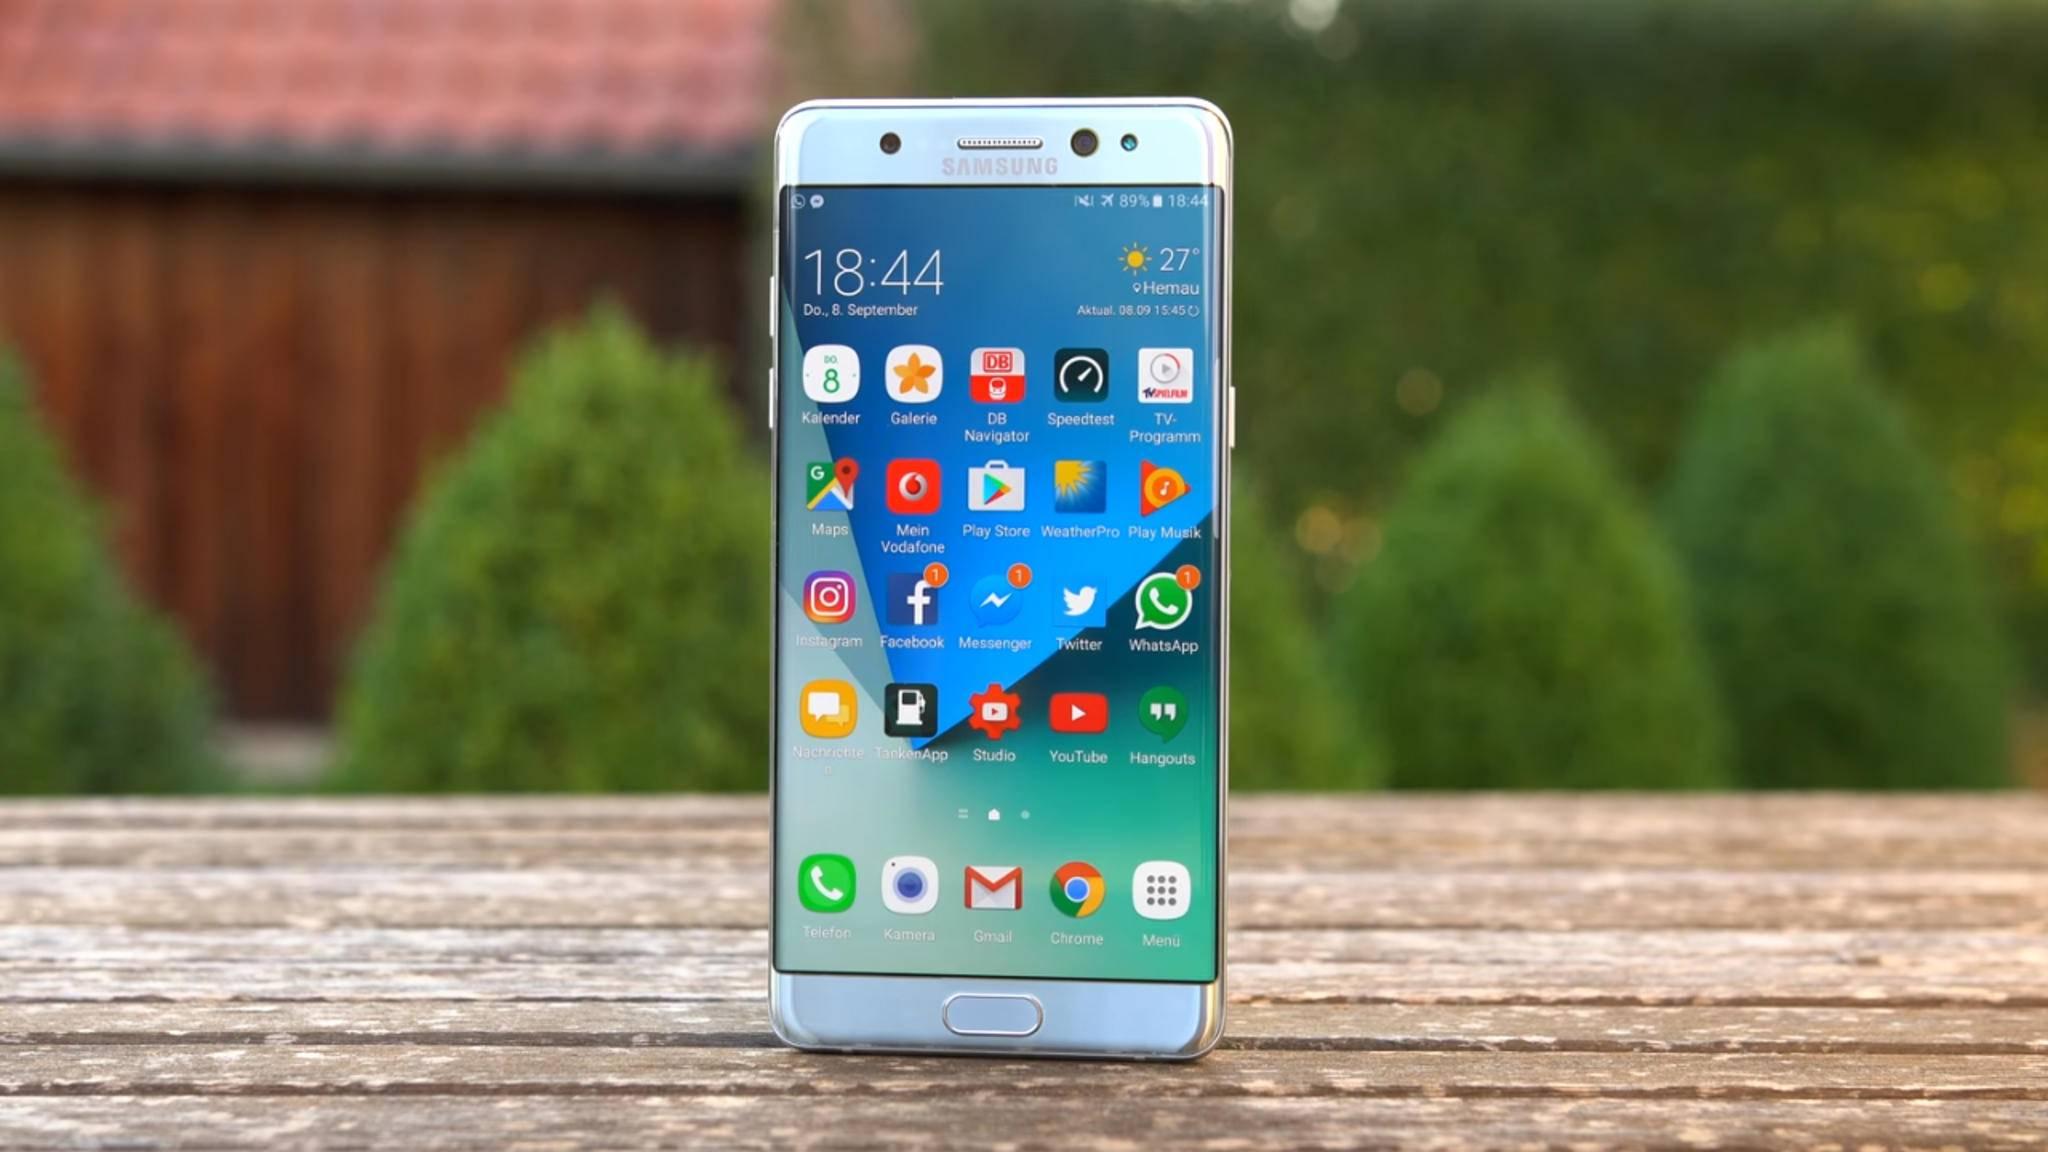 Das Galaxy Note 7 kommt wieder – als Galaxy Note FE.